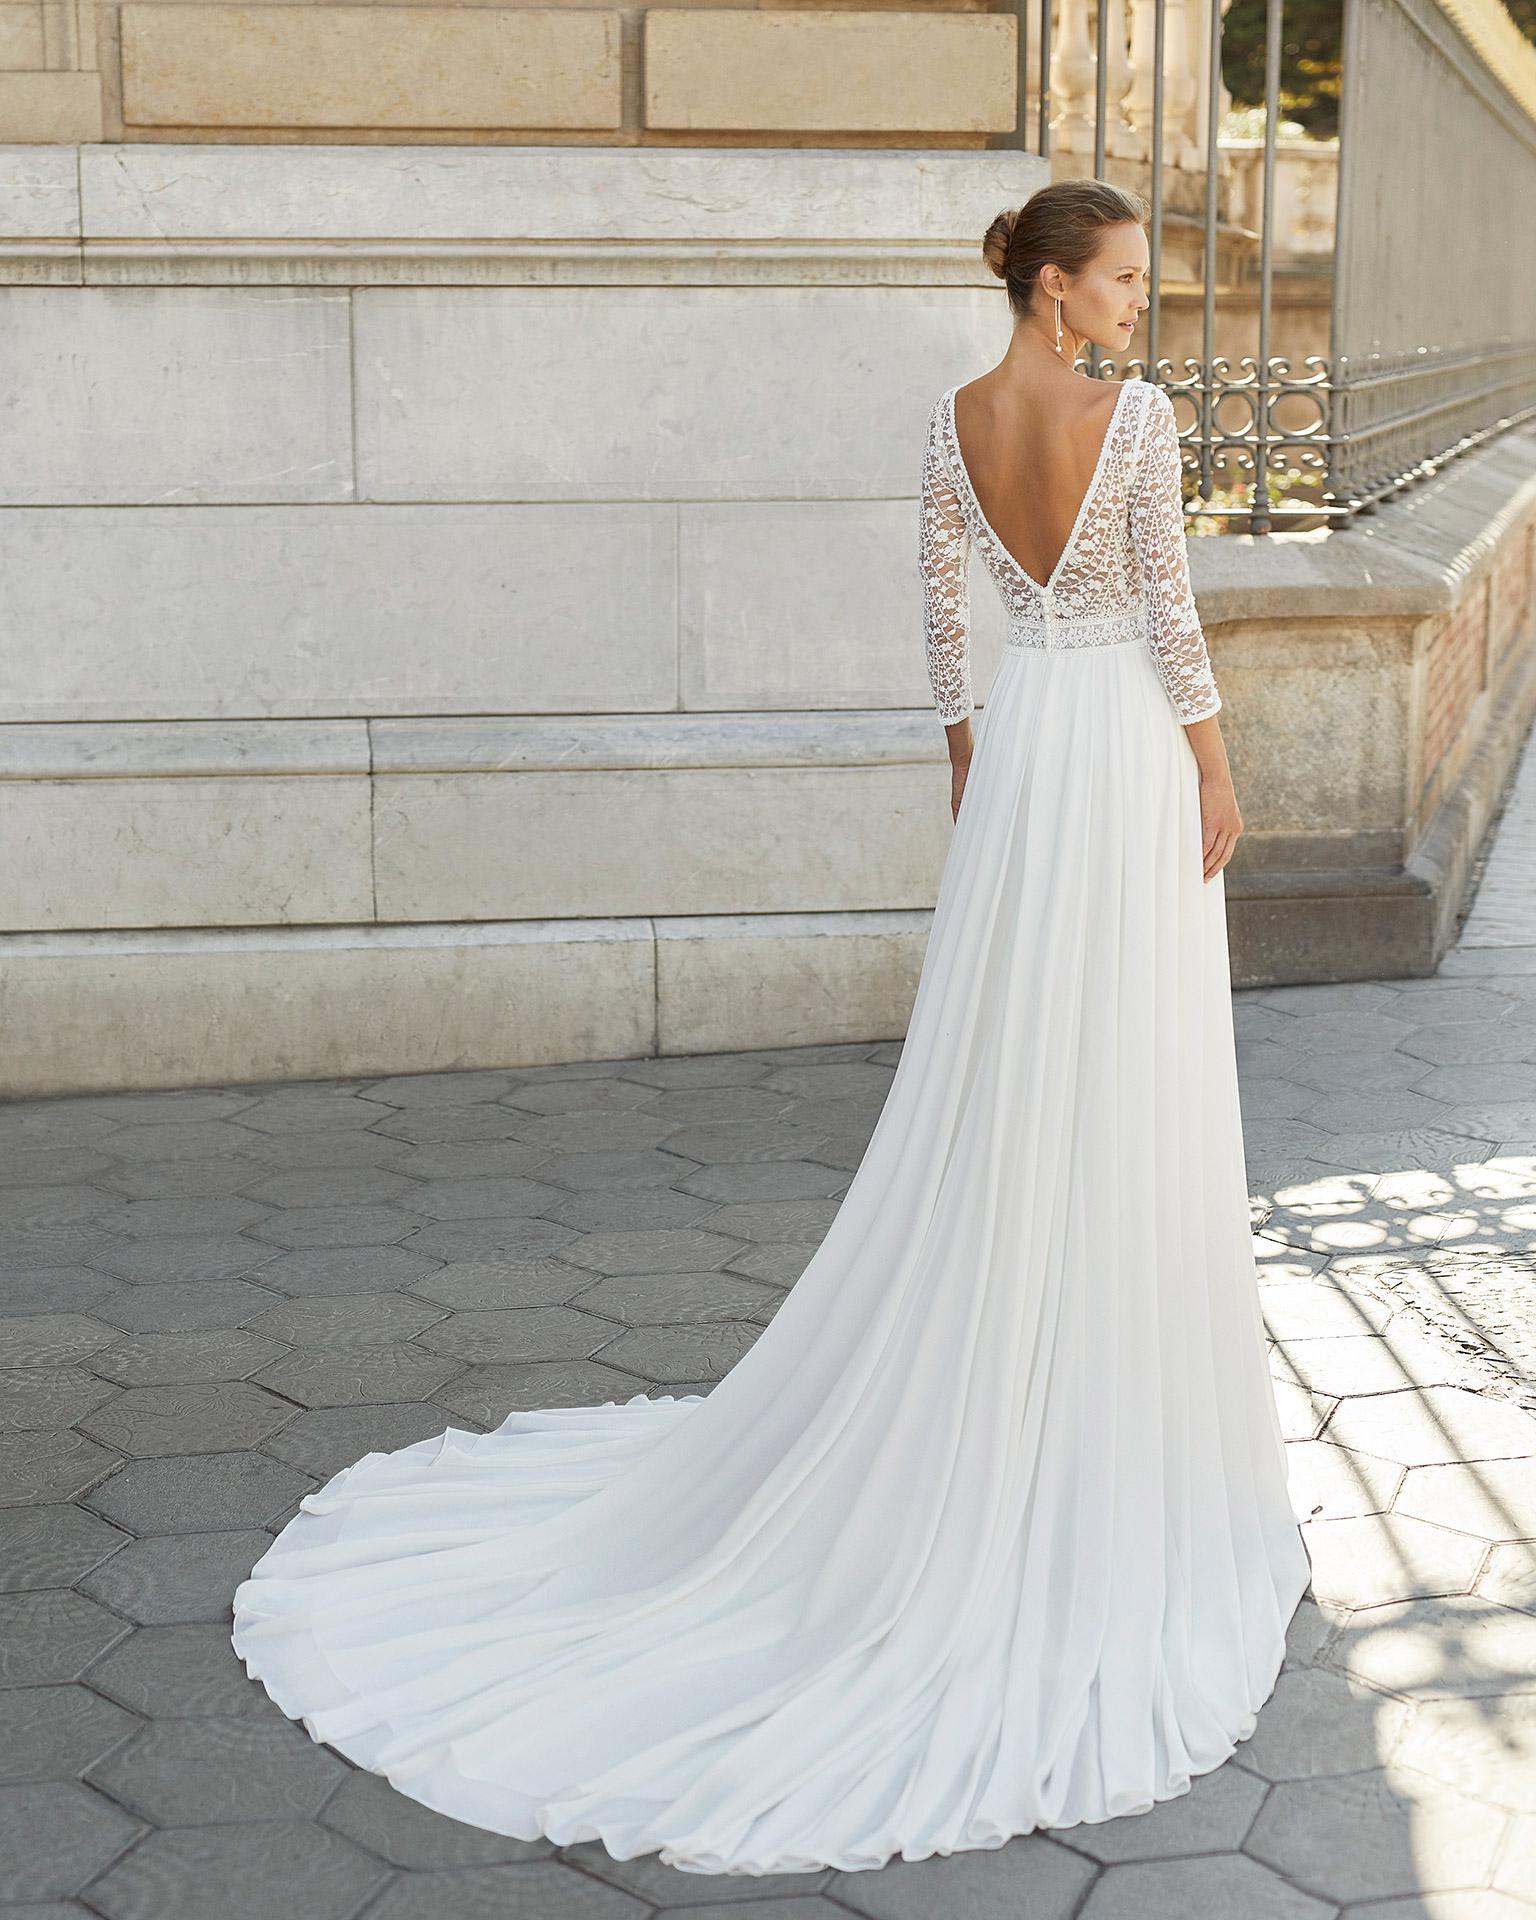 Vestido de novia ligero de georgette, encaje y pedrería. Escote barco, manga 3/4 y espalda en V. Colección  2022.